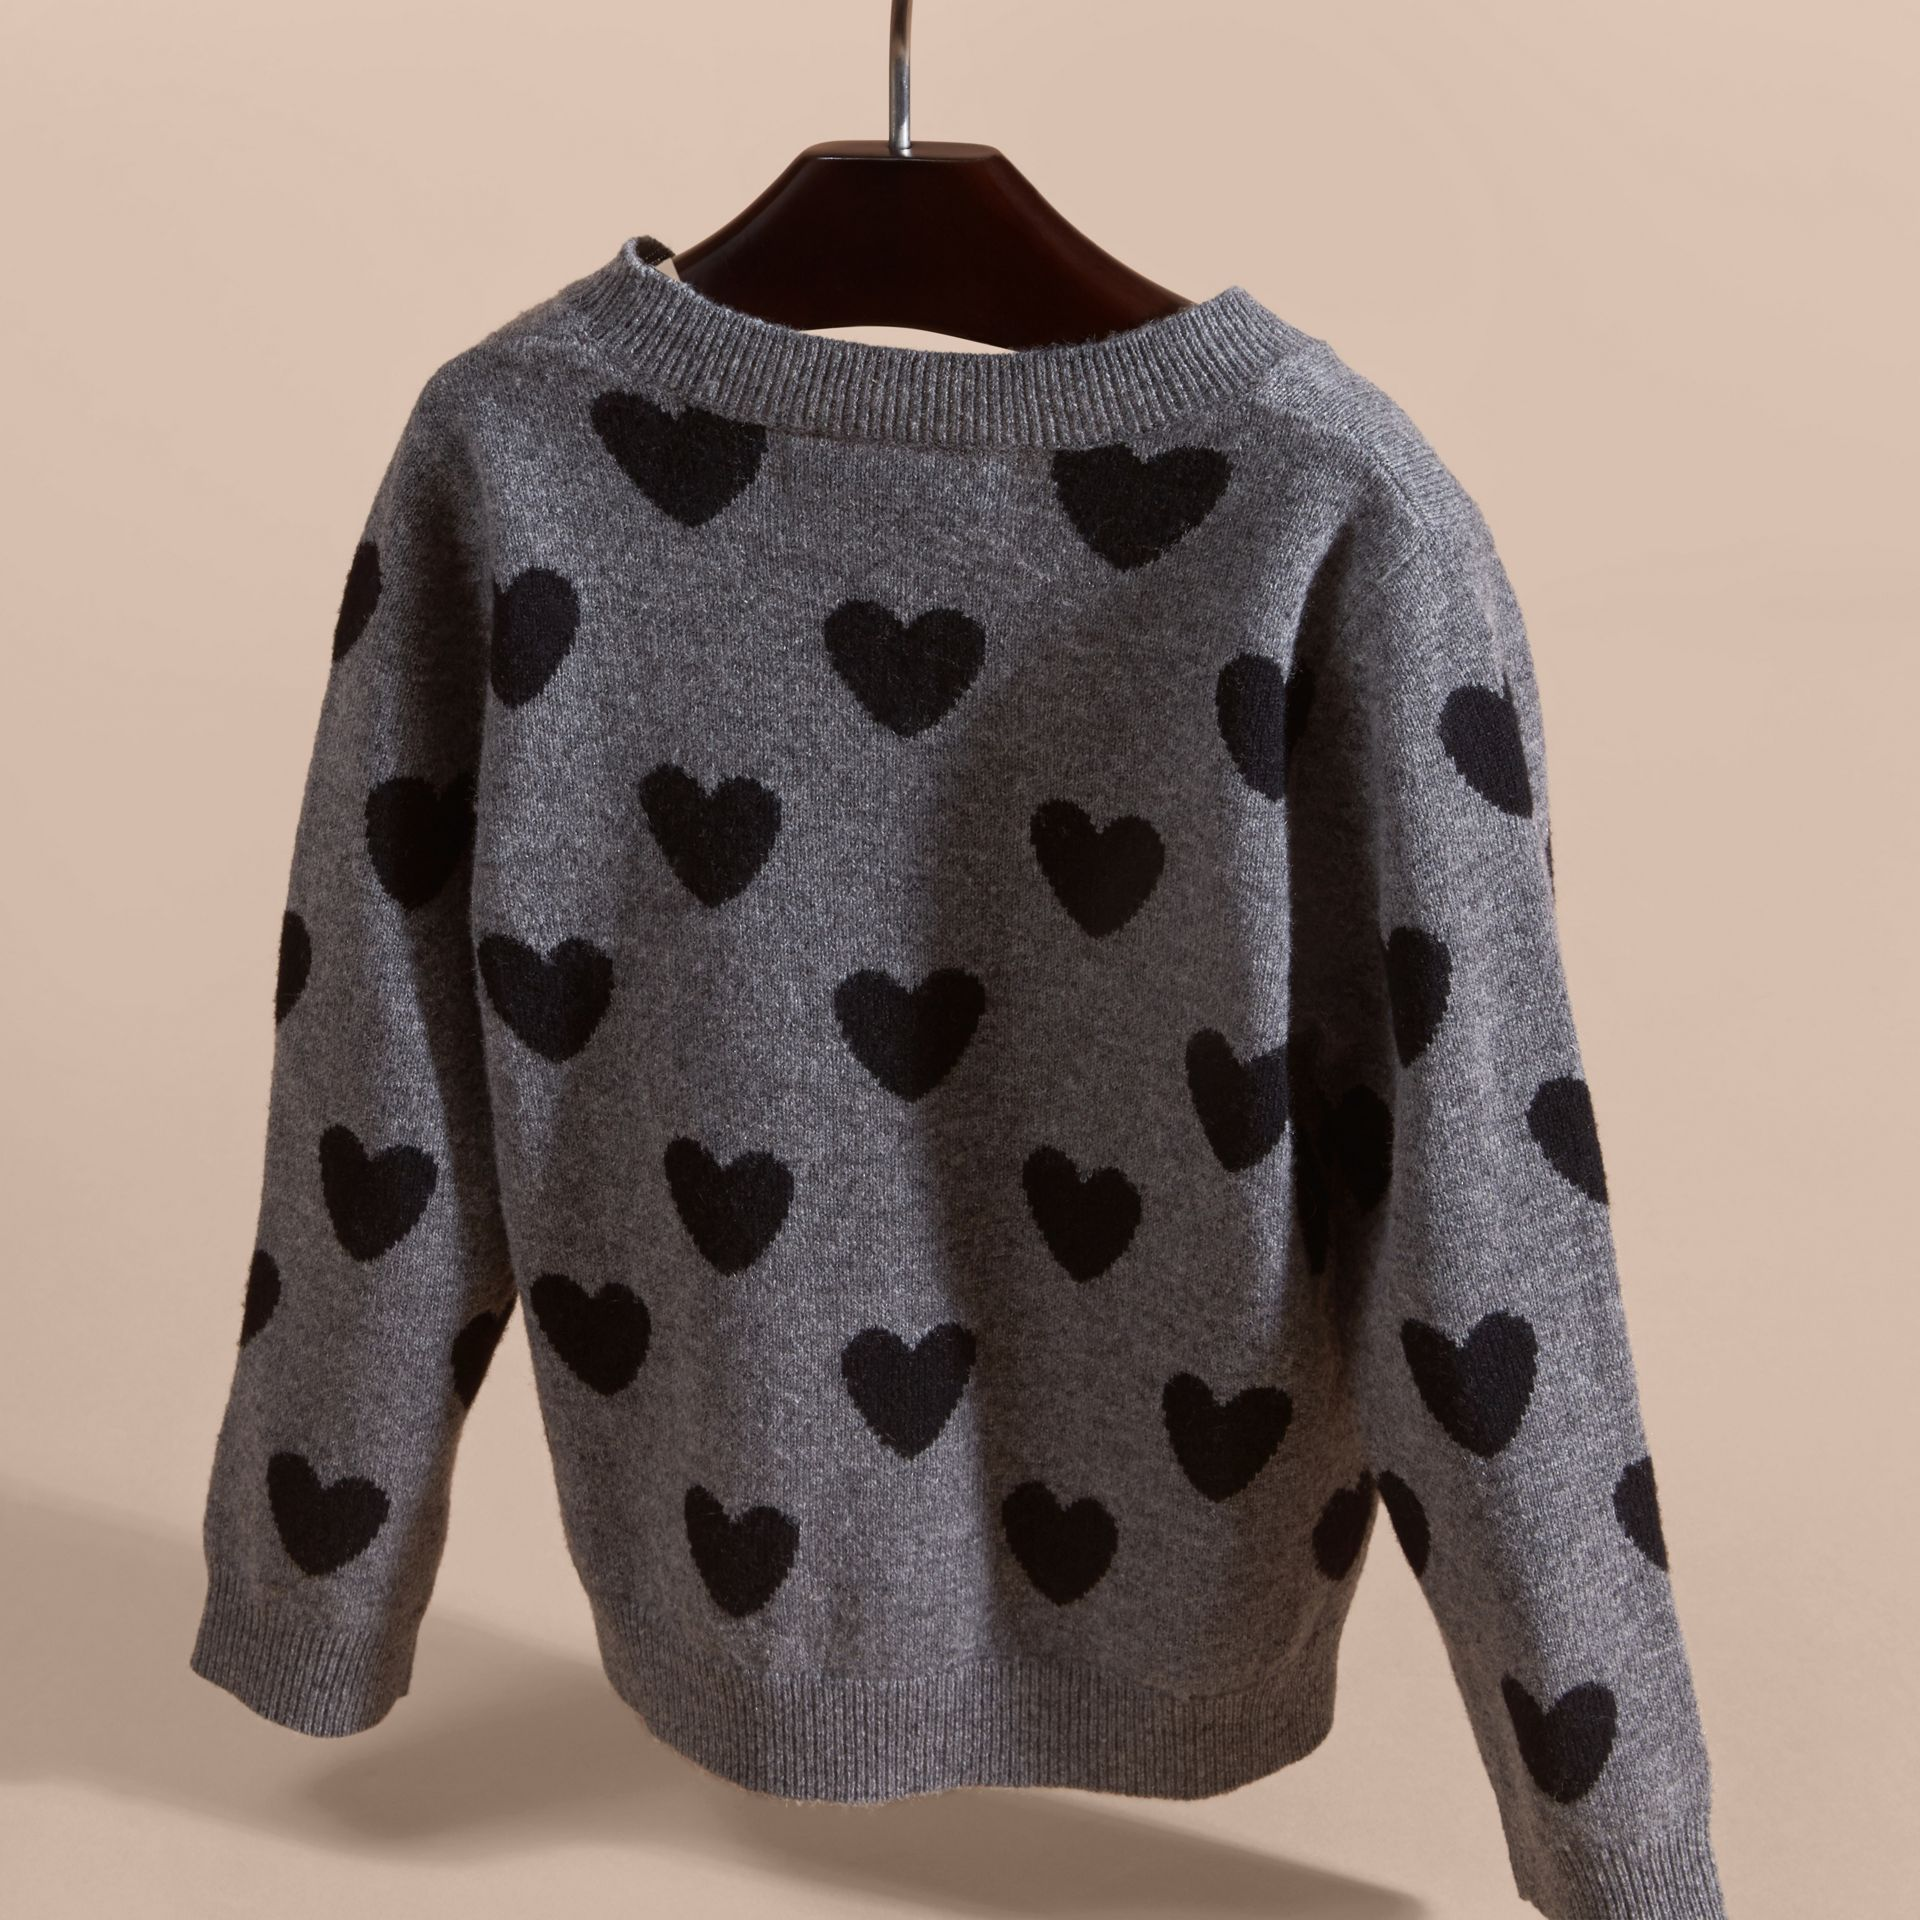 Preto Suéter de lã e cashmere com corações em ponto de tricô intársia - galeria de imagens 4